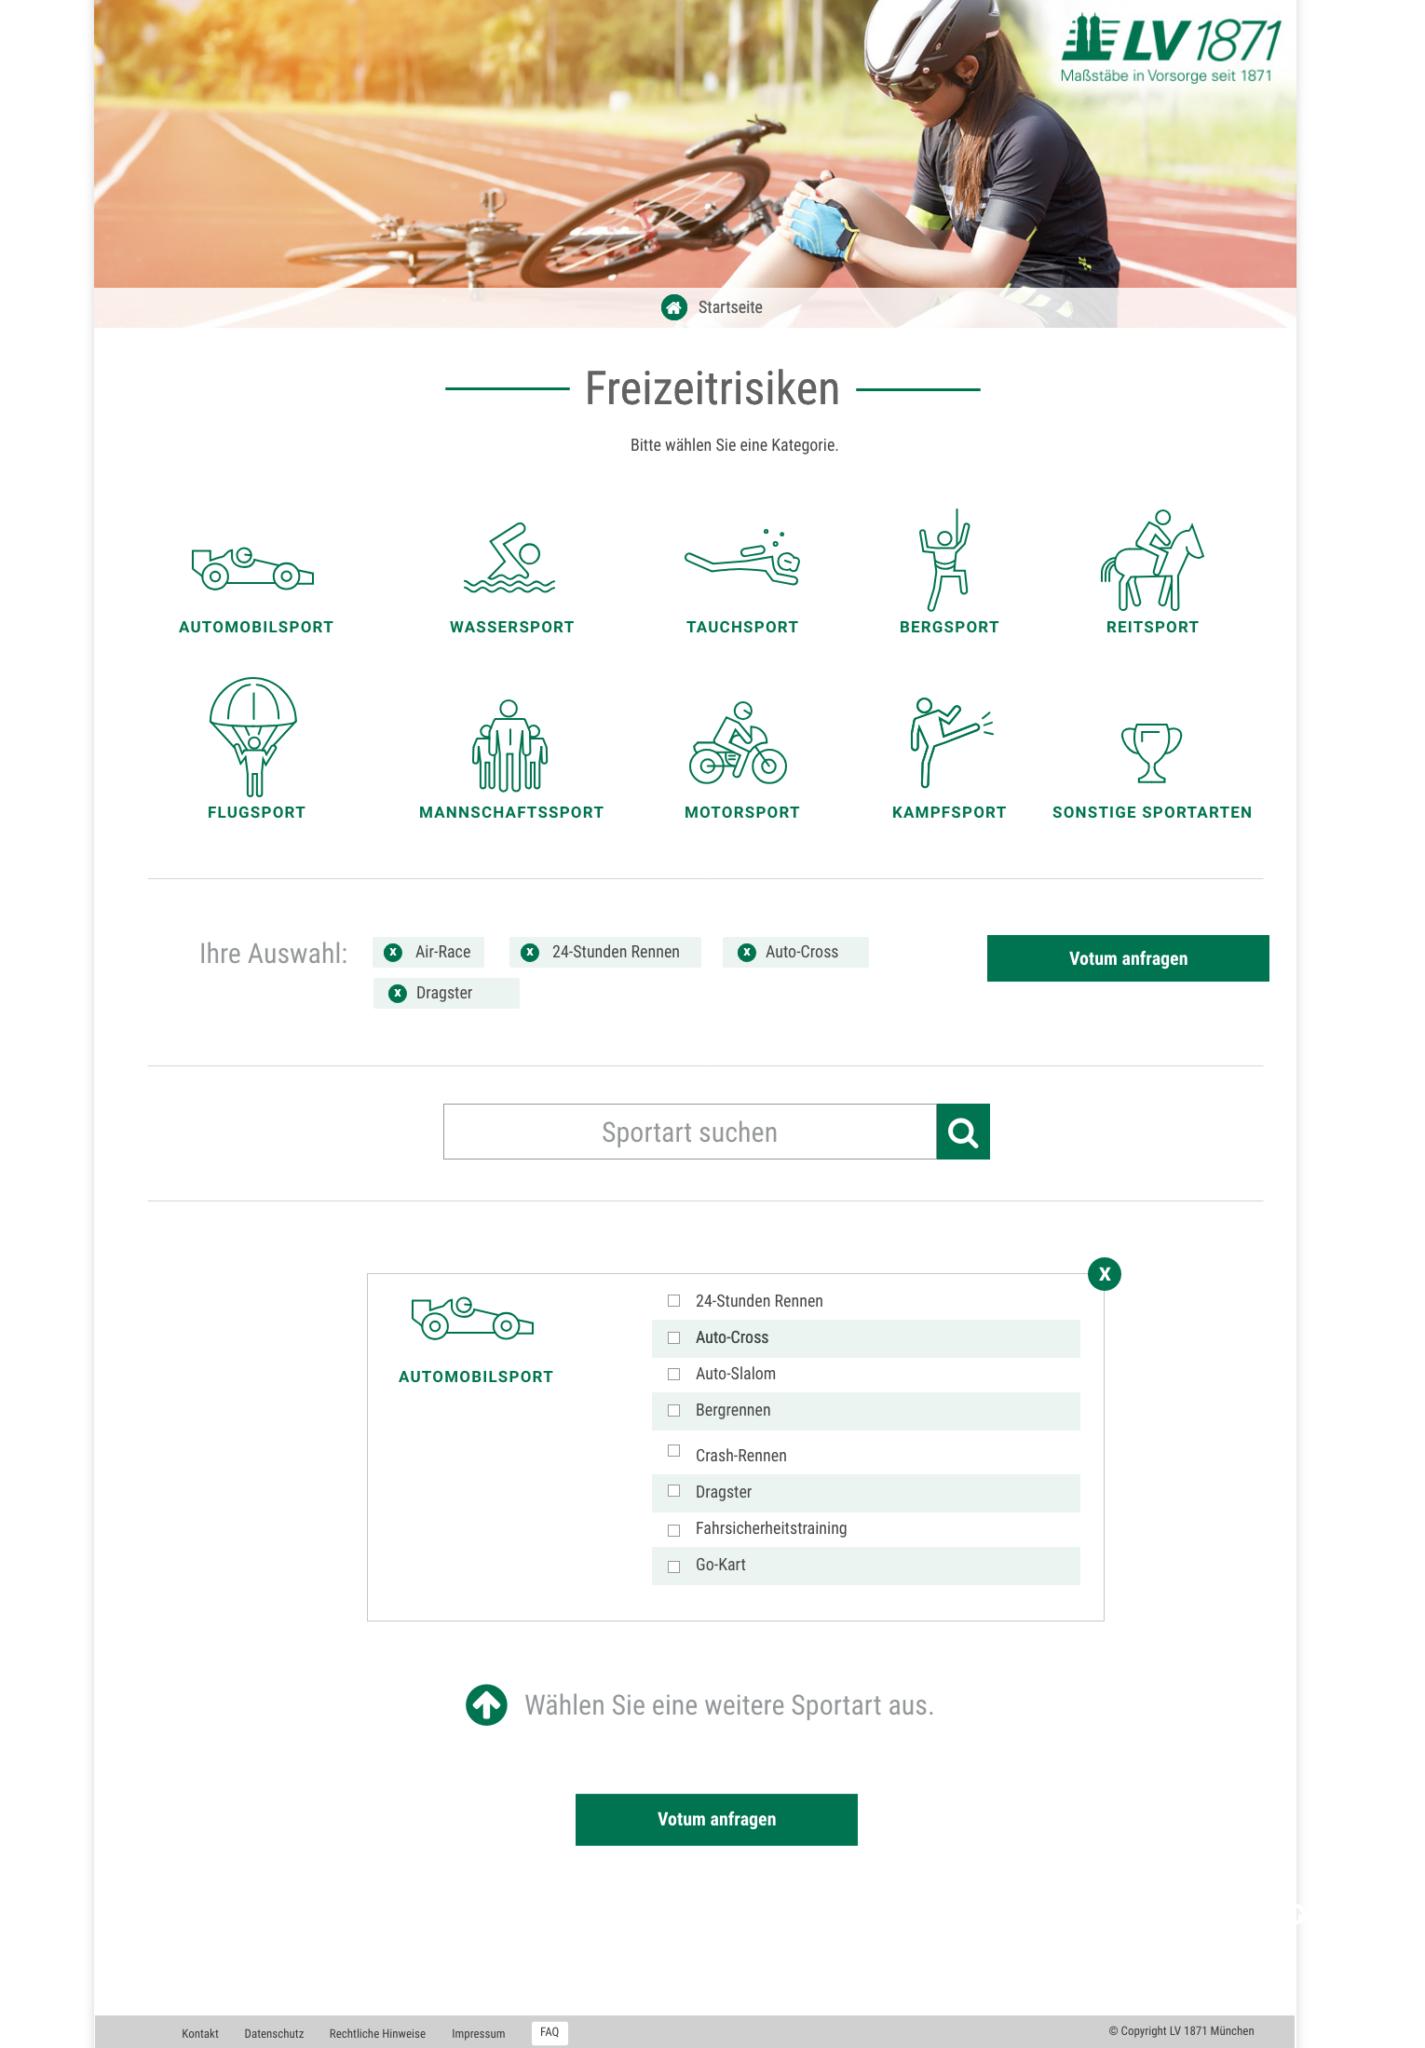 lv1871-freizeitrisiken-webapp